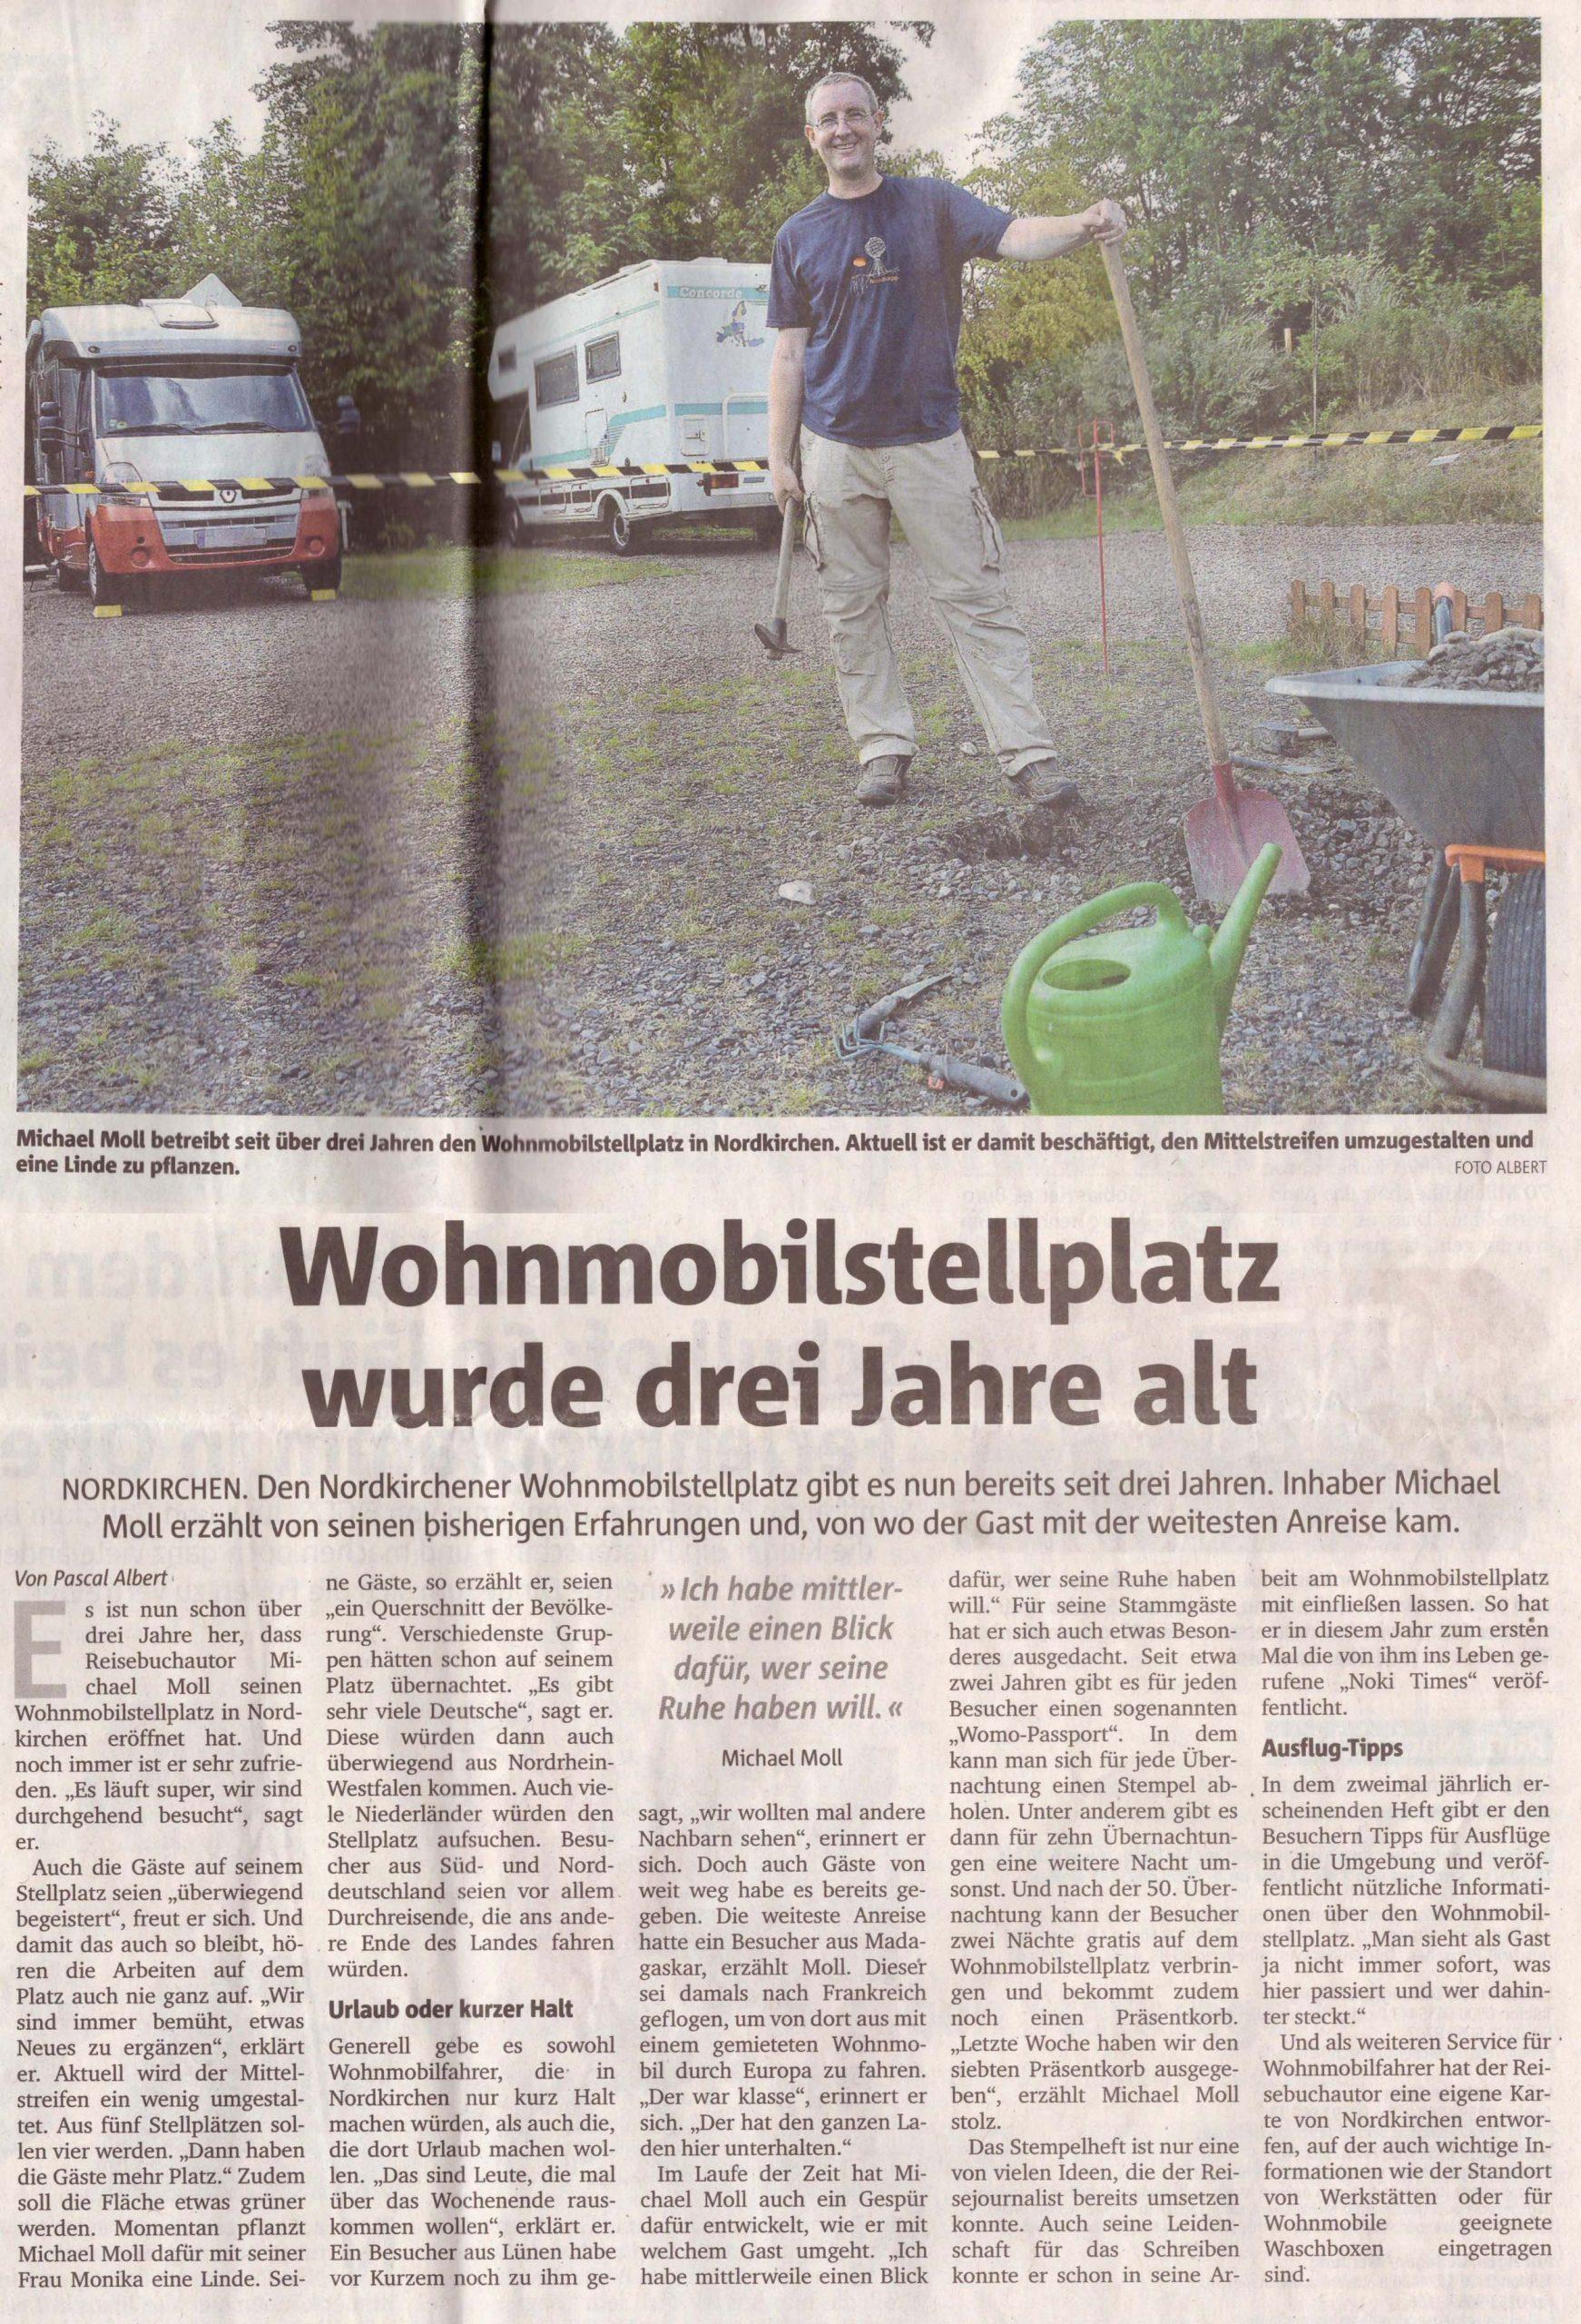 Ruhrnachrichten vom 8. August 2019